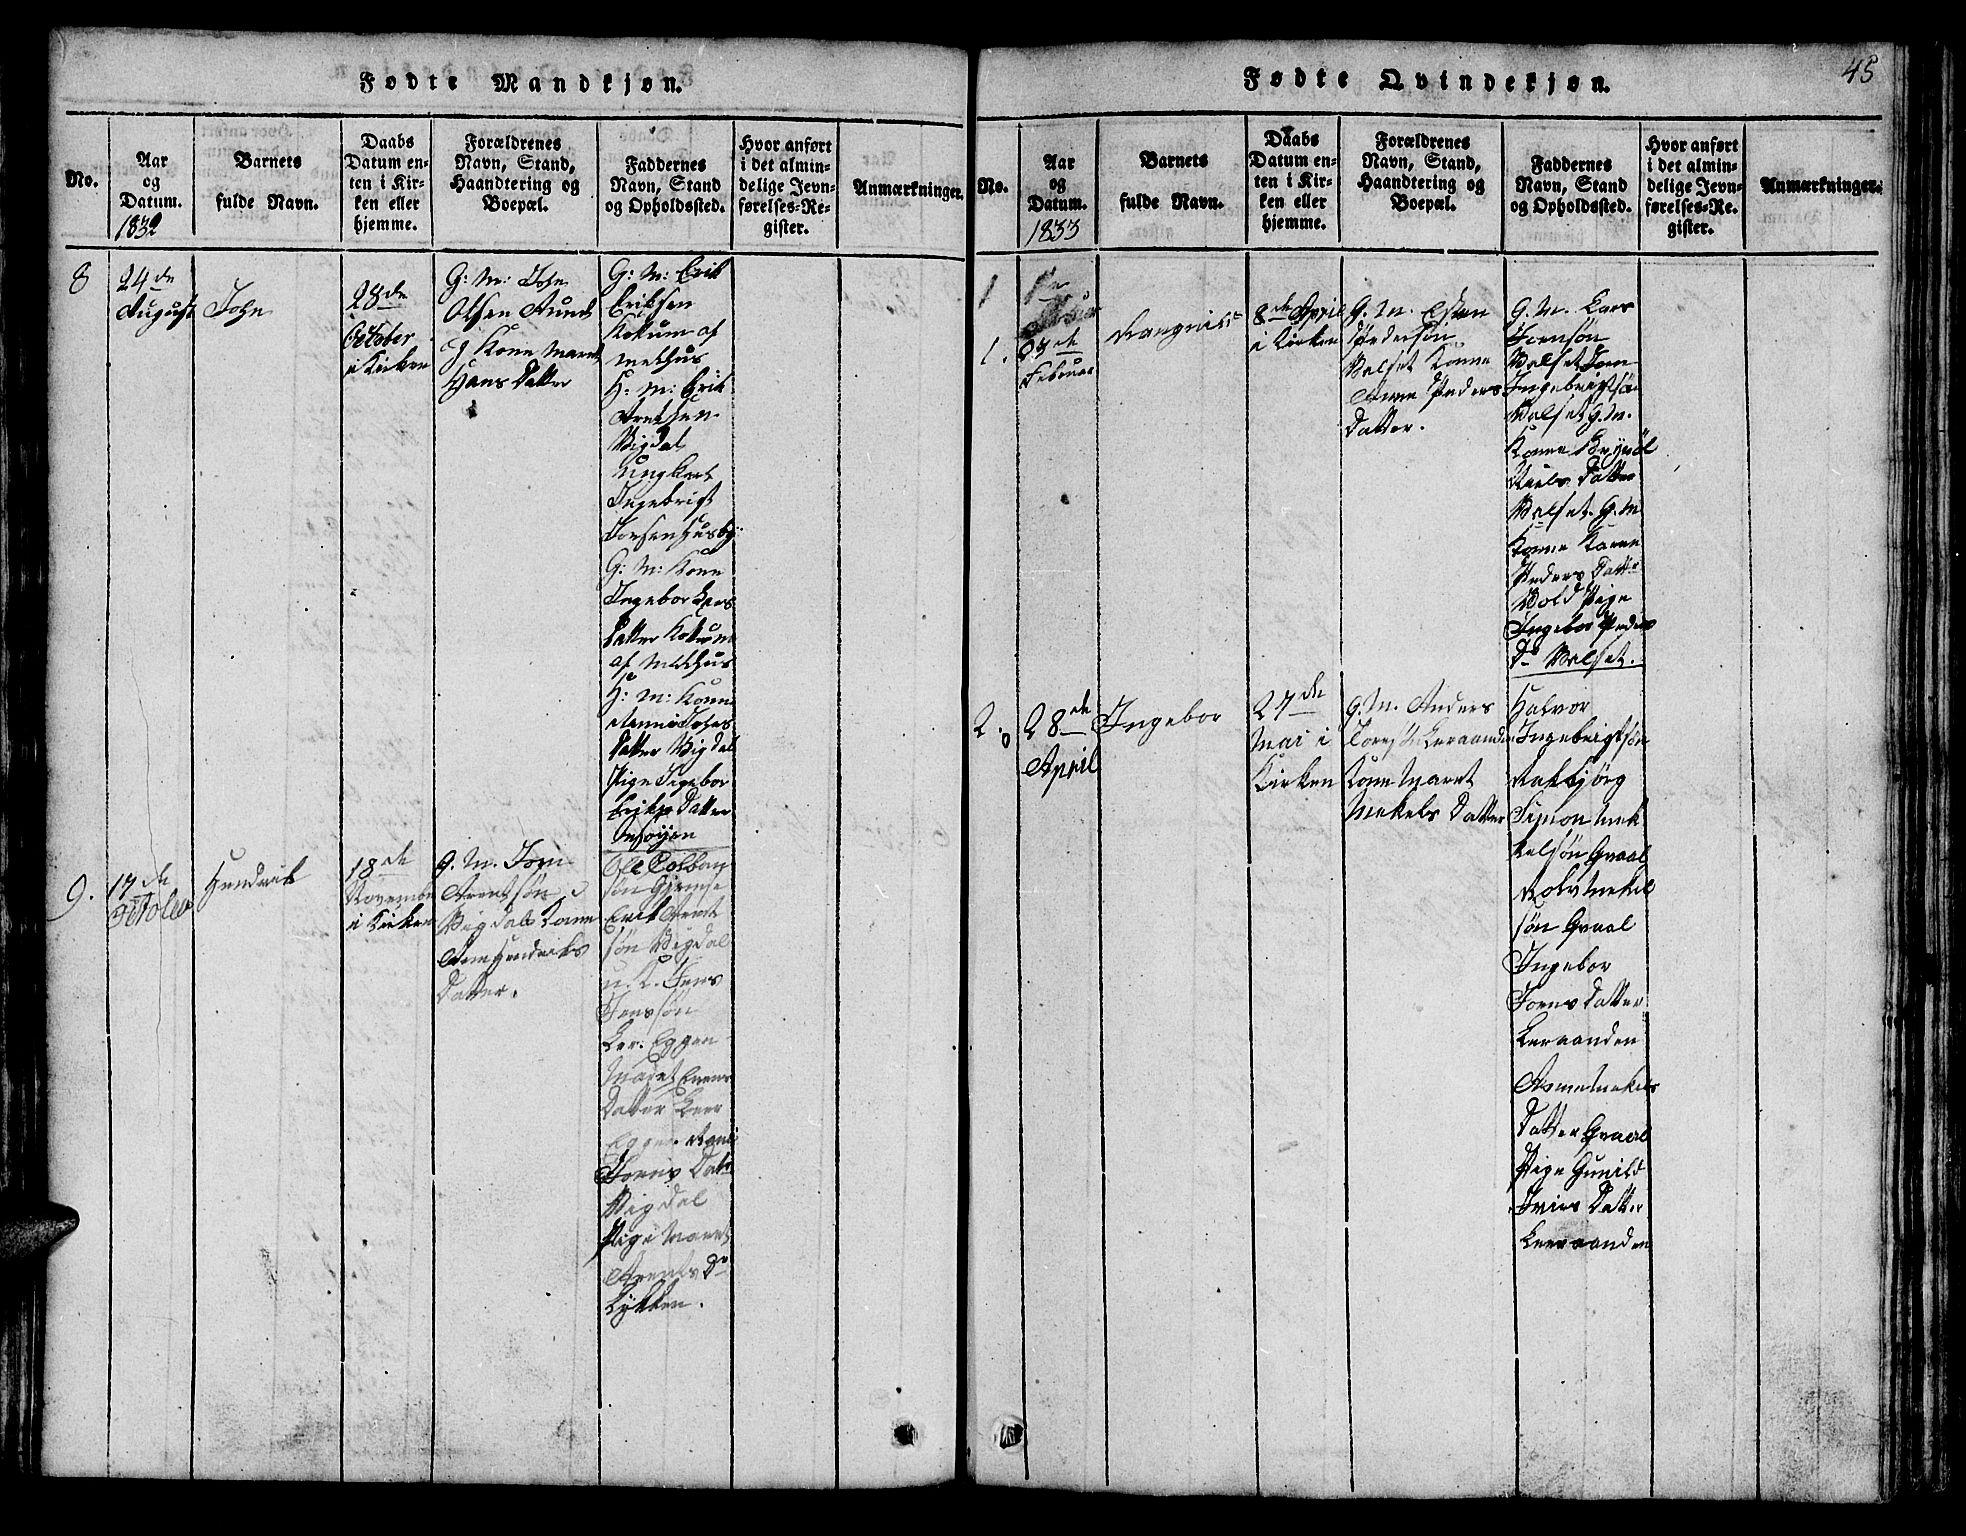 SAT, Ministerialprotokoller, klokkerbøker og fødselsregistre - Sør-Trøndelag, 666/L0788: Klokkerbok nr. 666C01, 1816-1847, s. 45